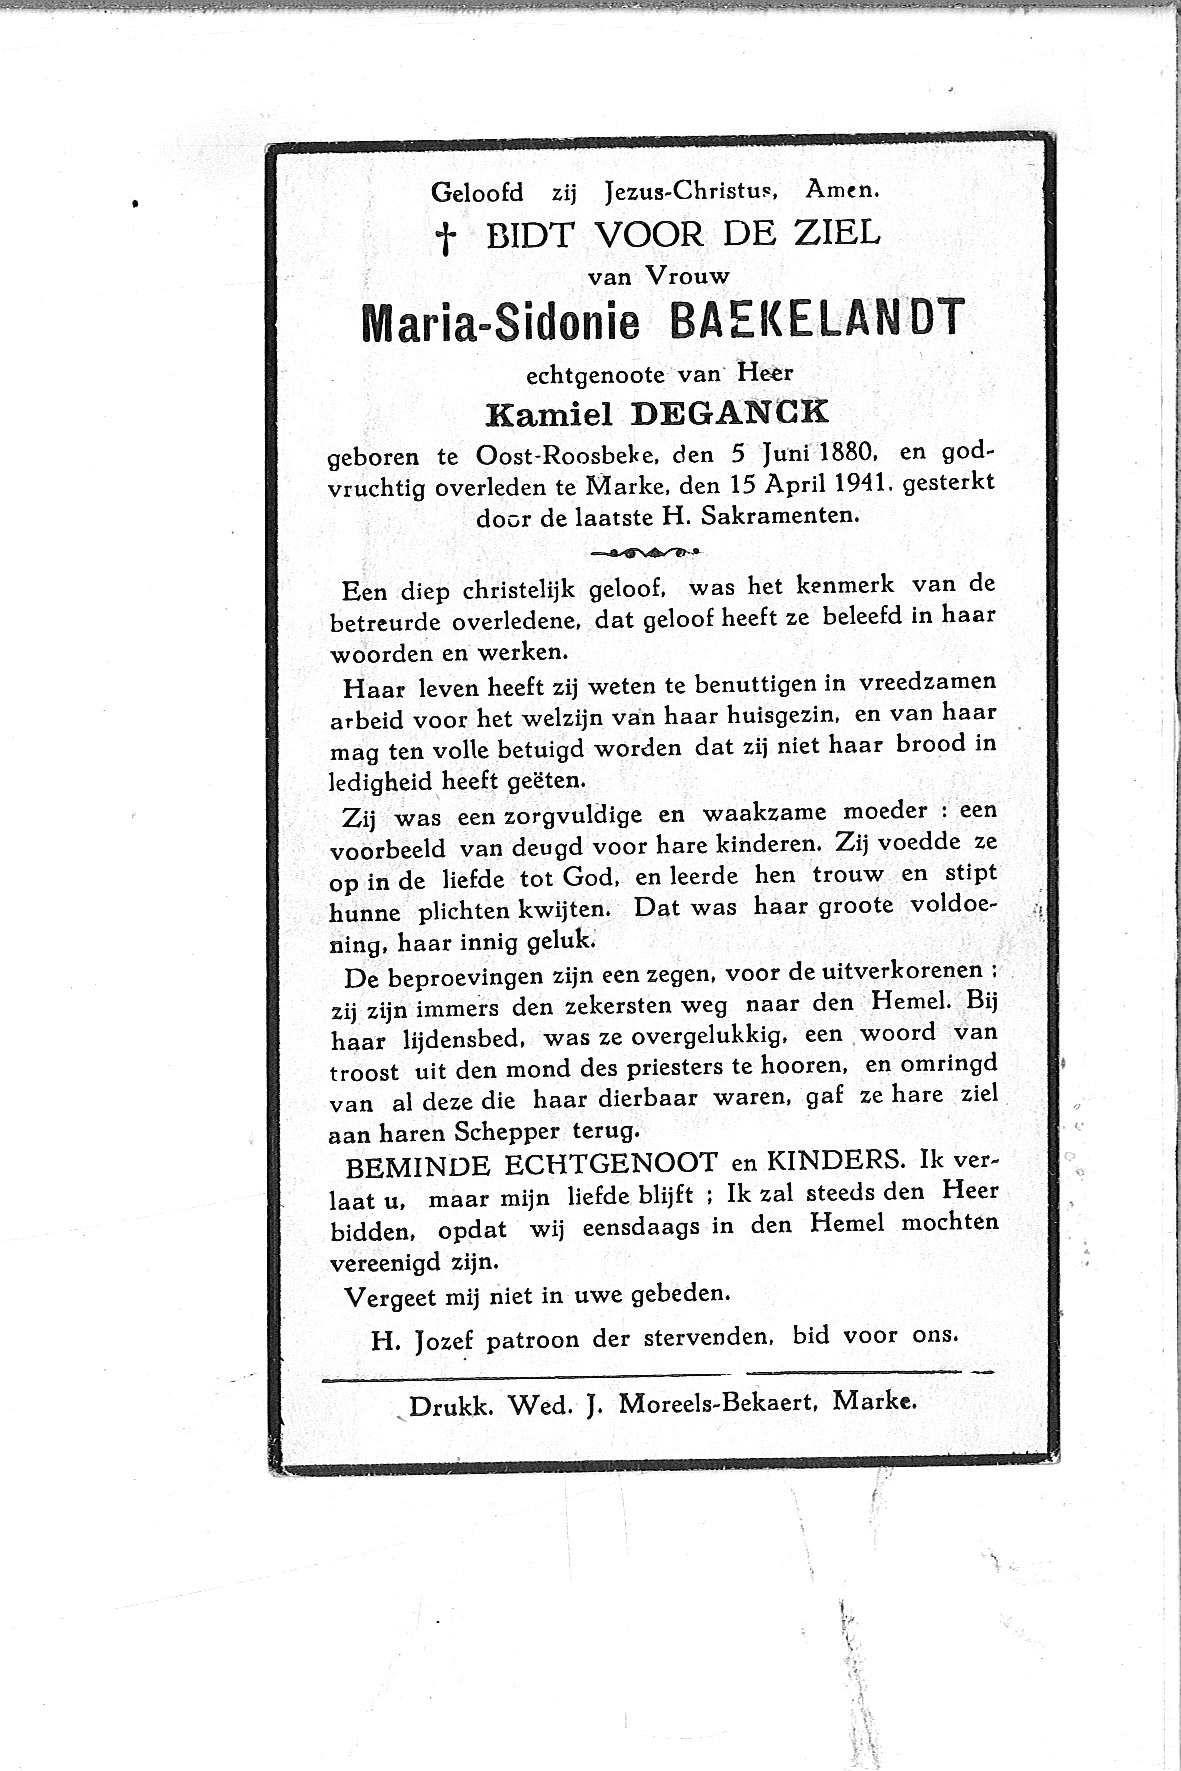 Maria-Sidonie(1941)20130826105243_00073.jpg